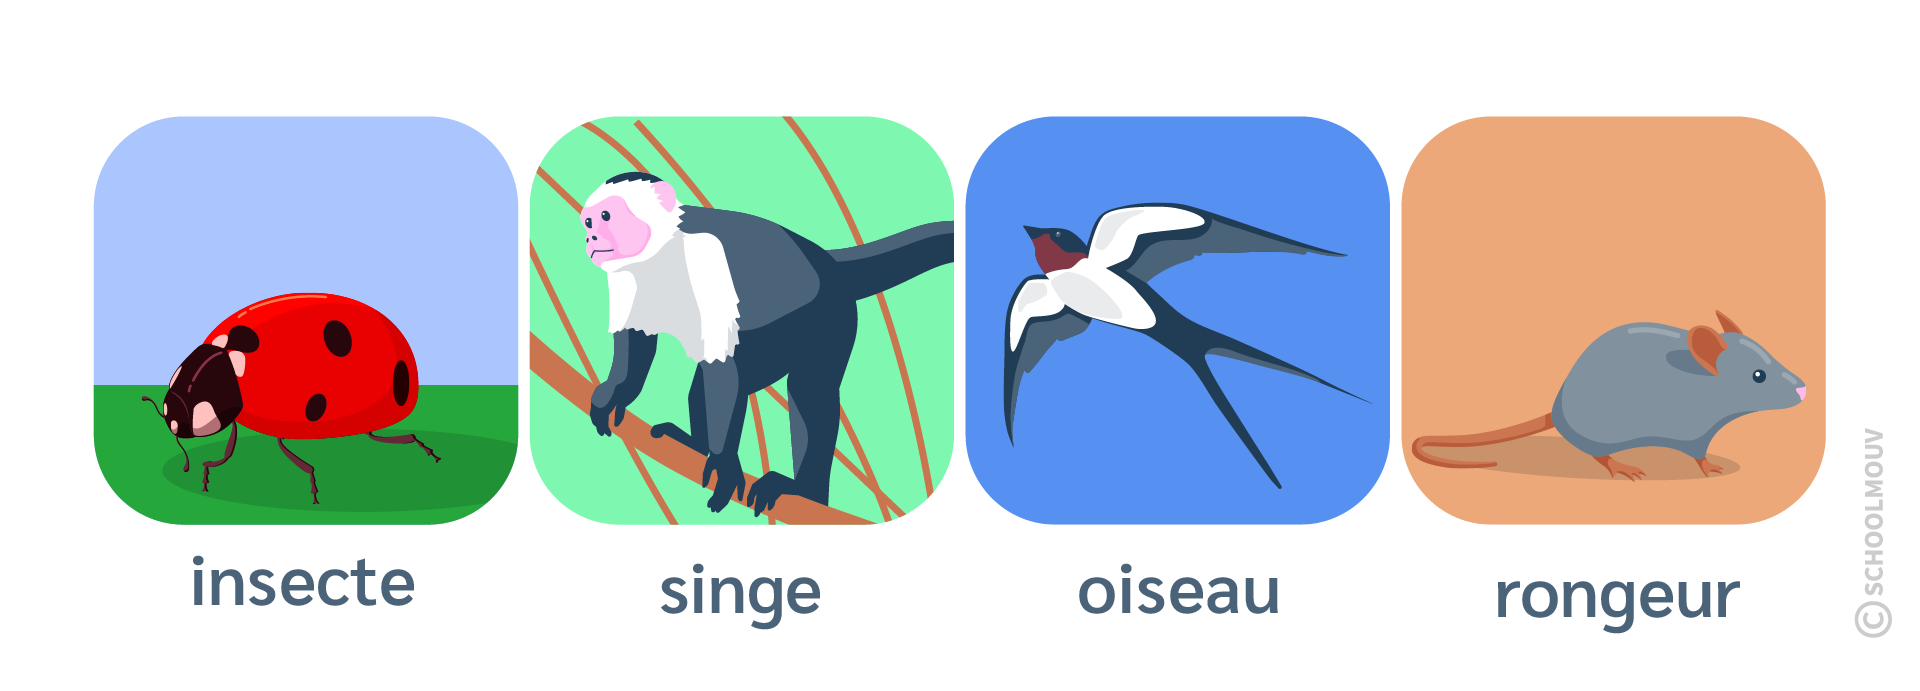 Régime alimentaire - Carnivore - Insecte - Singe - Oiseau - Rongeur - SchoolMouv - Sciences - CE2